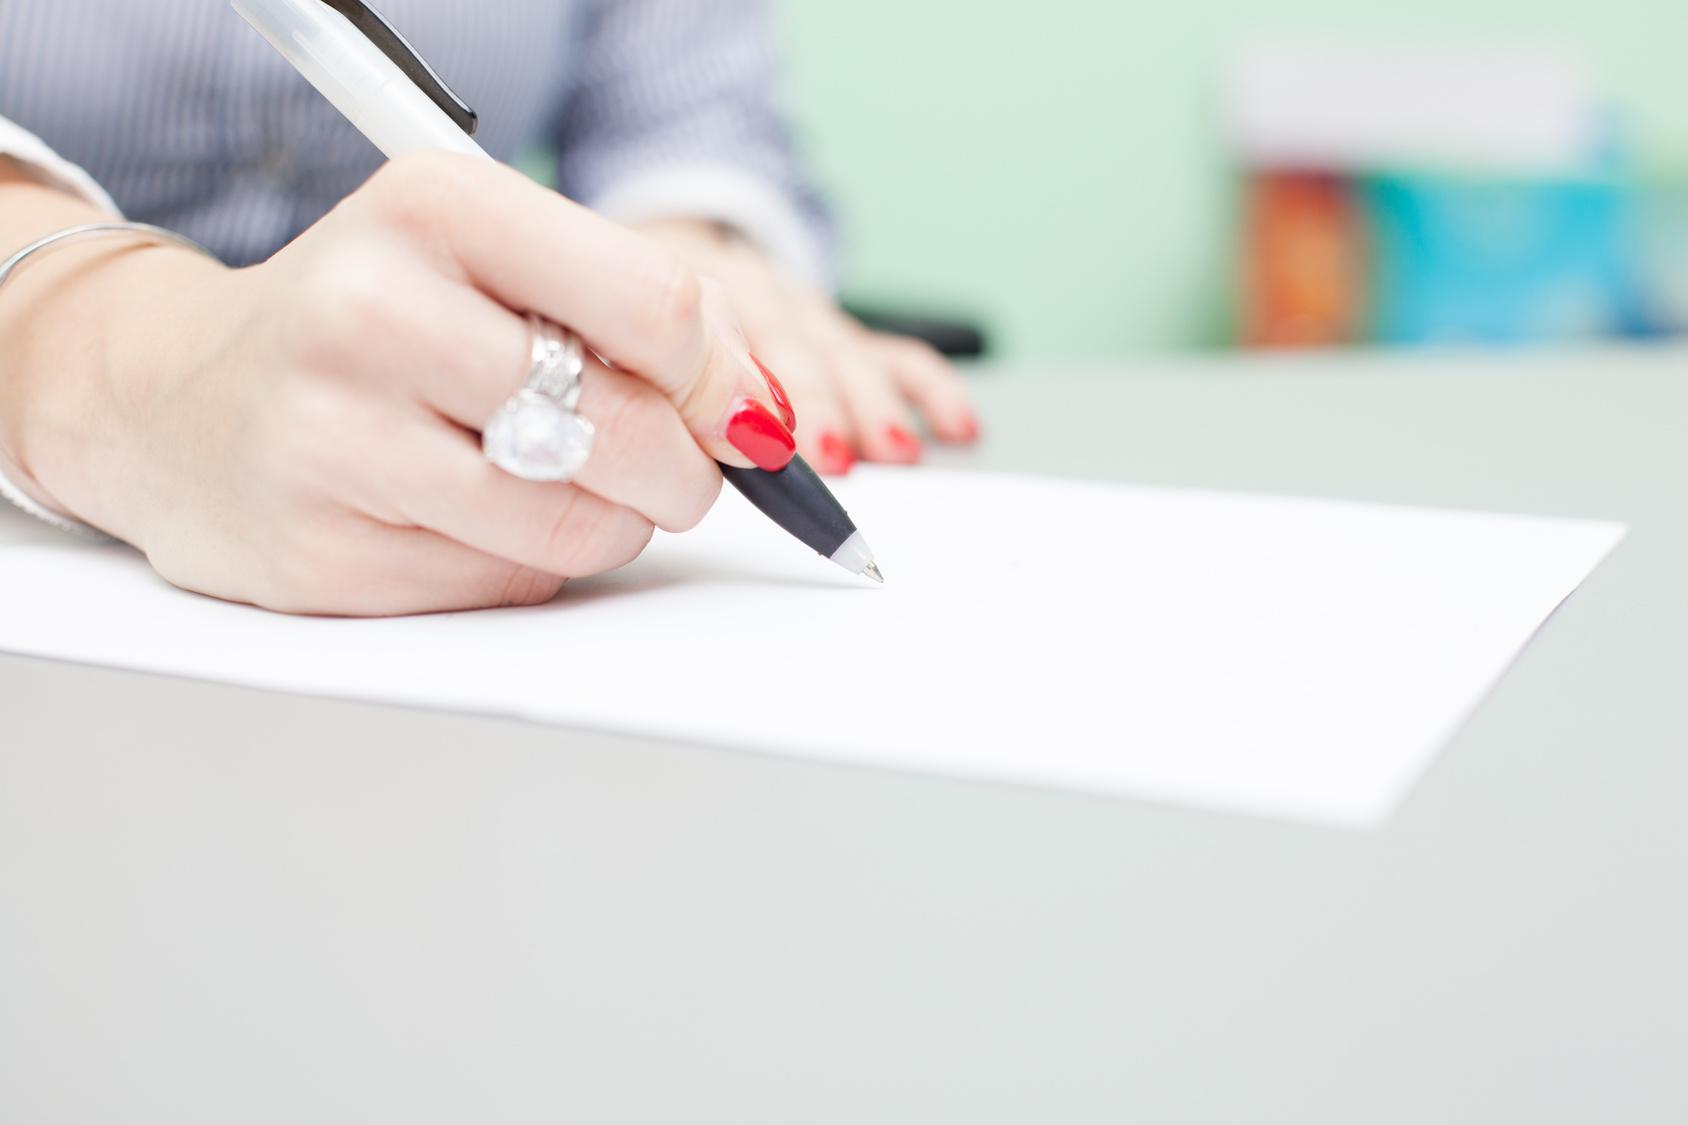 Договор страхования от несчастных случаев на производстве